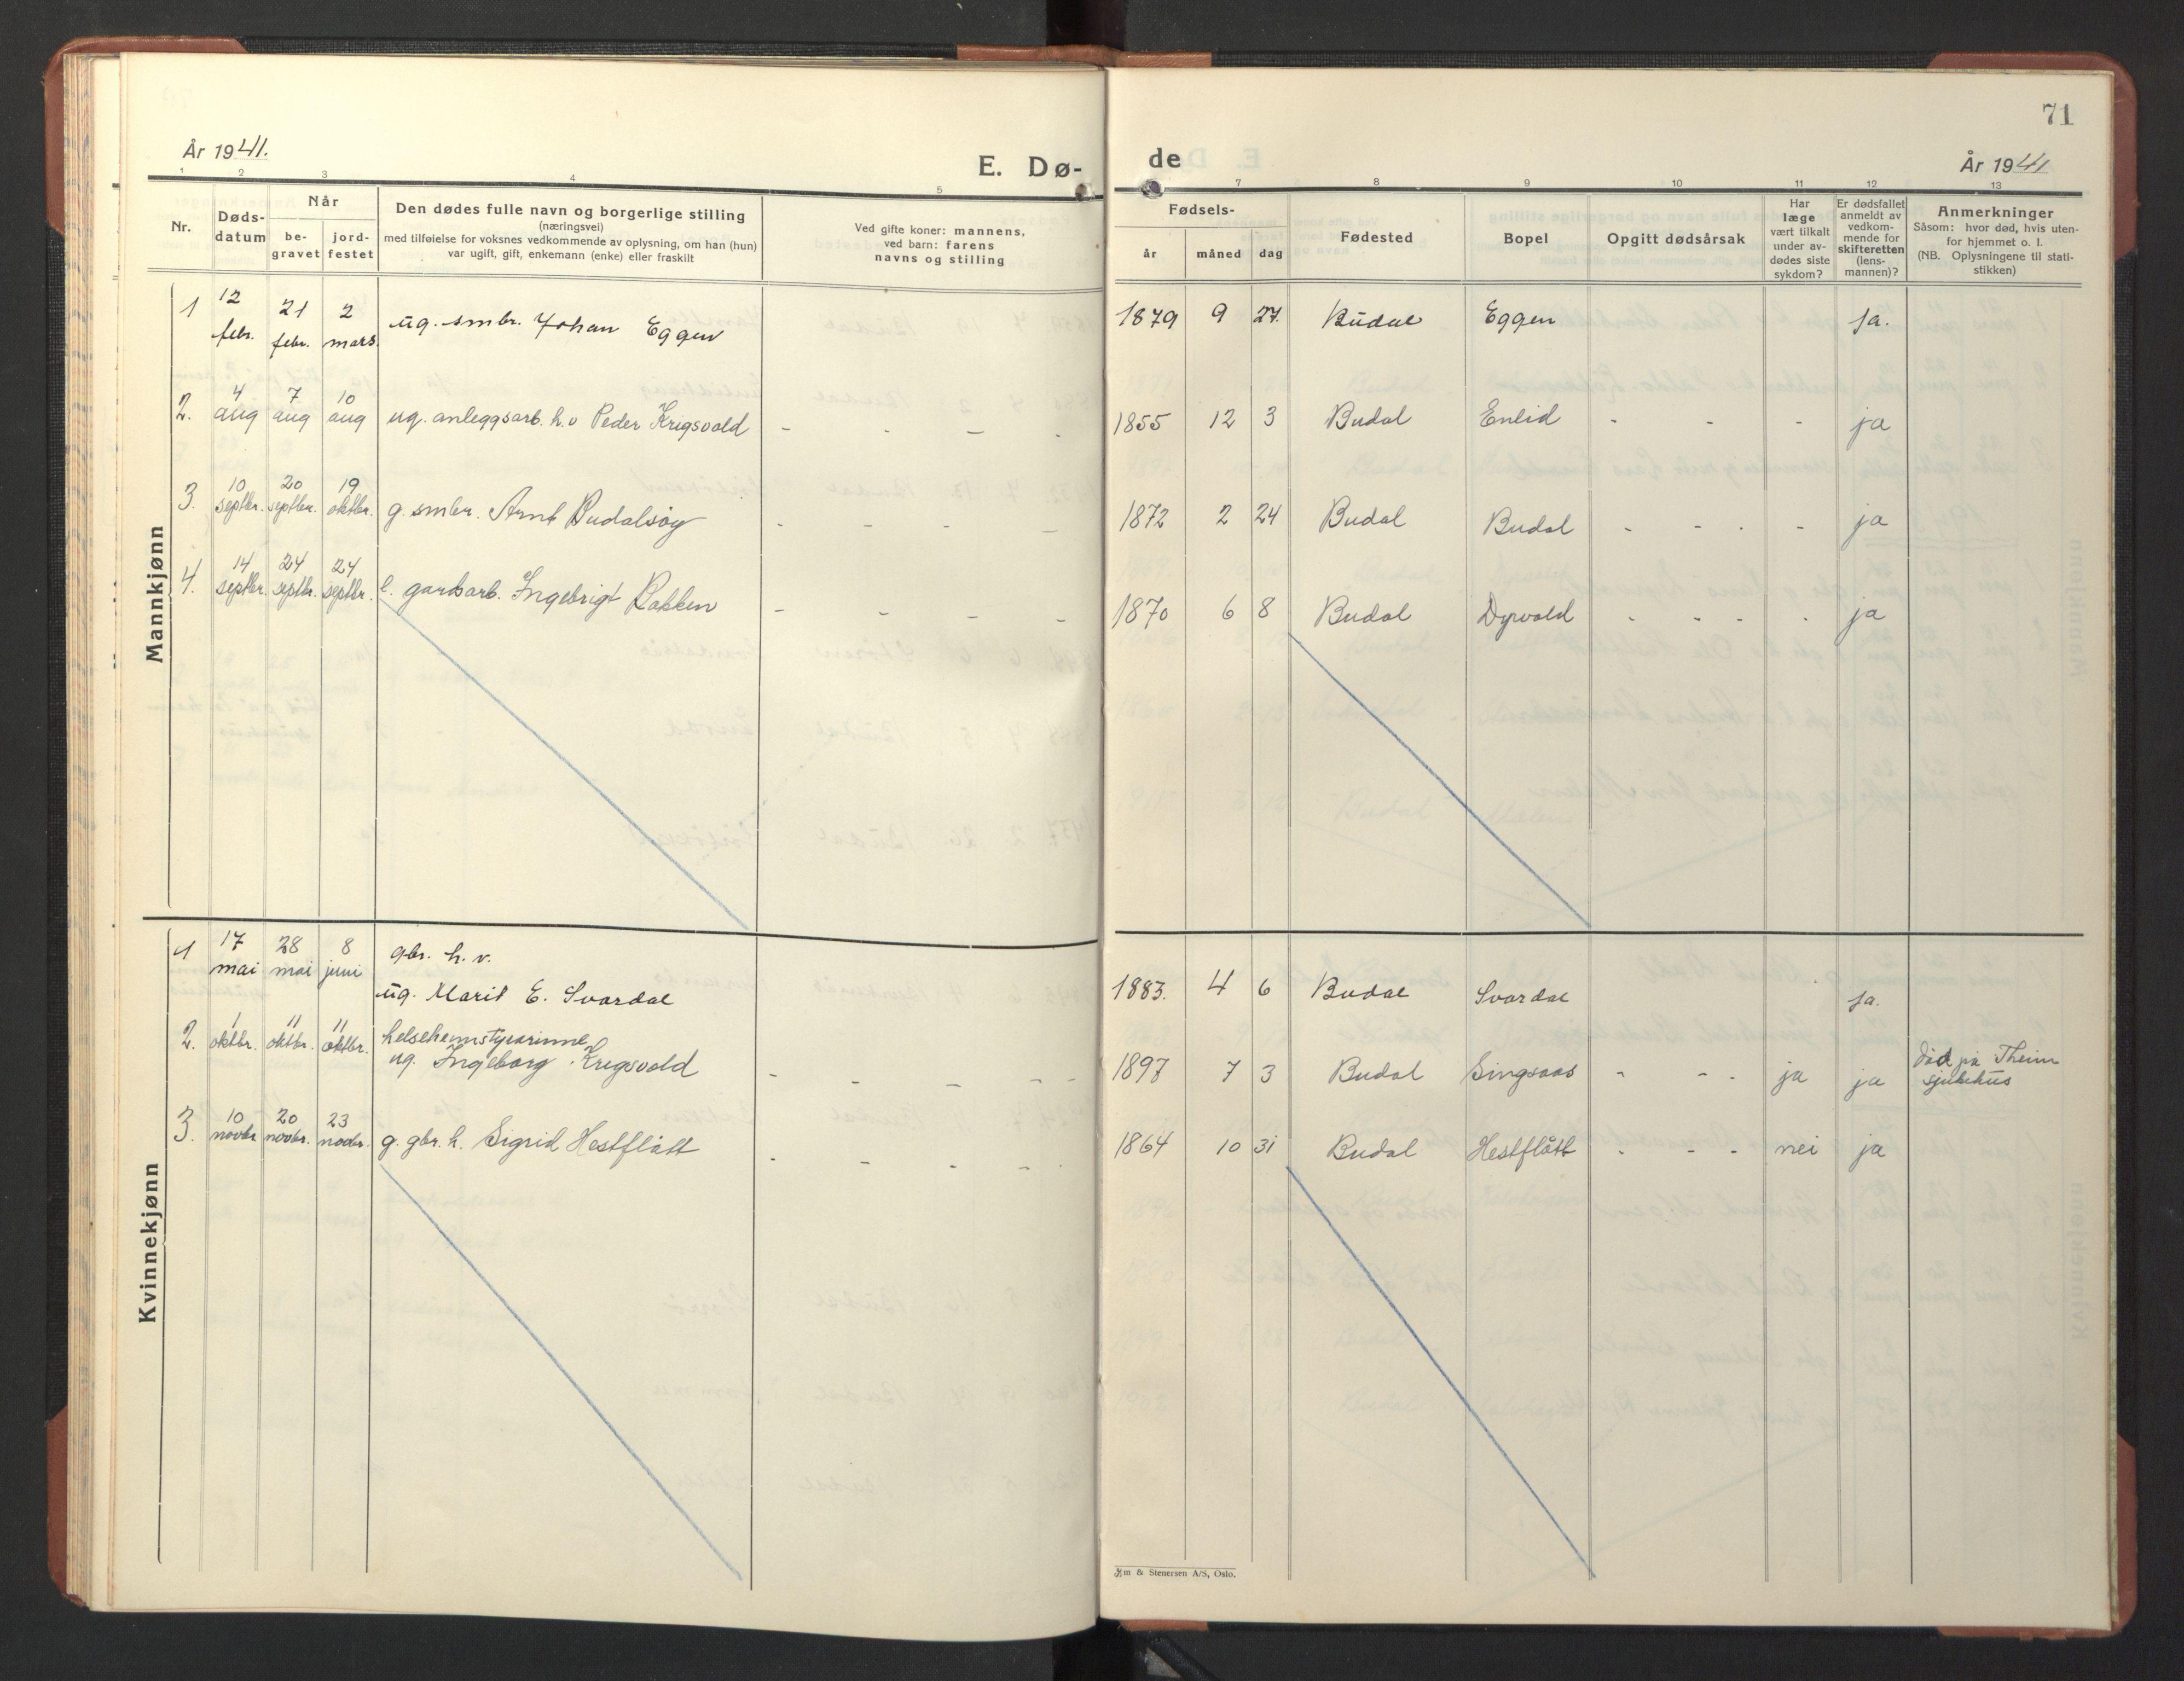 SAT, Ministerialprotokoller, klokkerbøker og fødselsregistre - Sør-Trøndelag, 690/L1053: Klokkerbok nr. 690C03, 1930-1947, s. 71